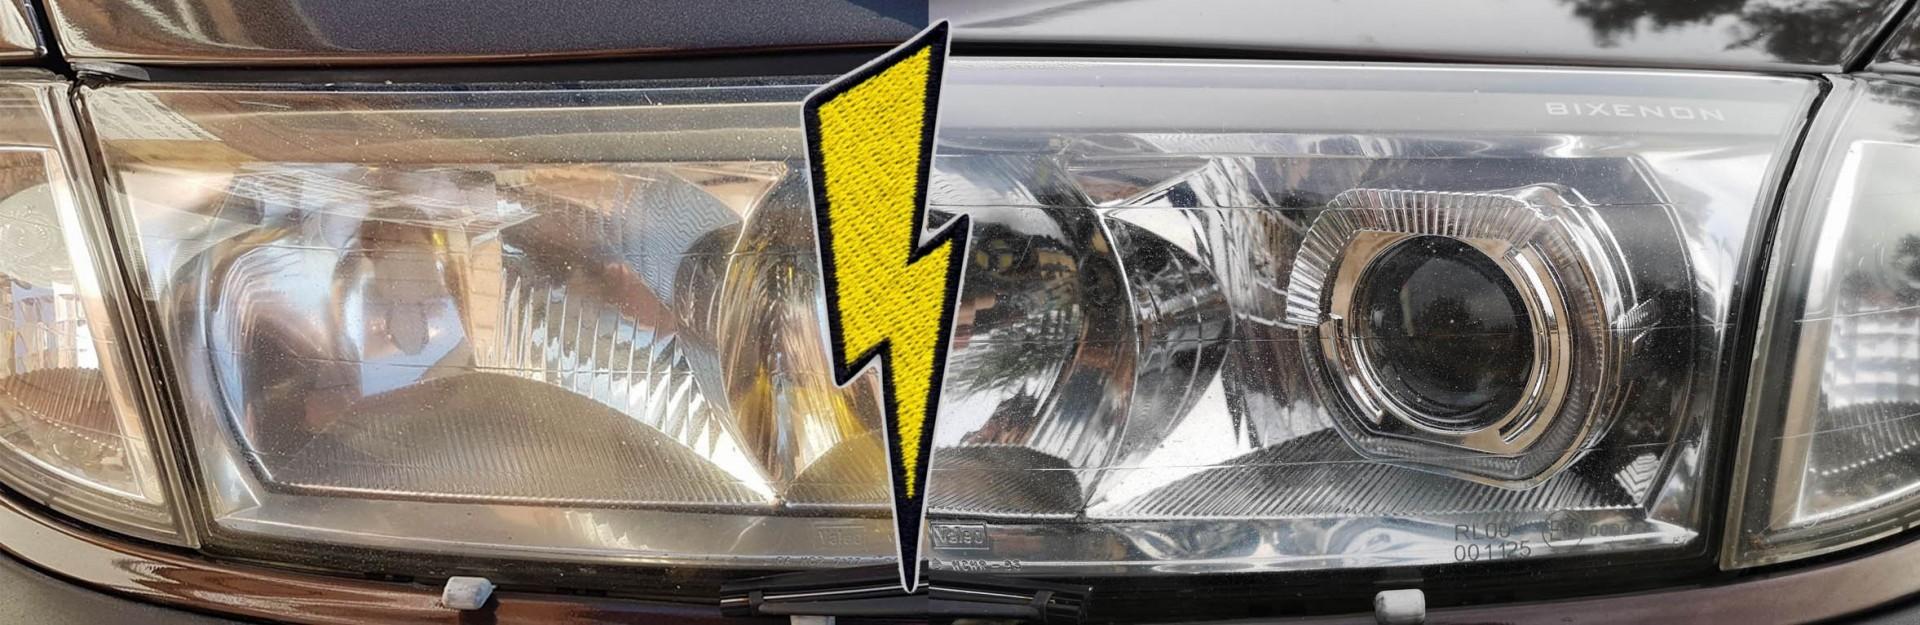 Przeróbka świateł na xenon - soczewki